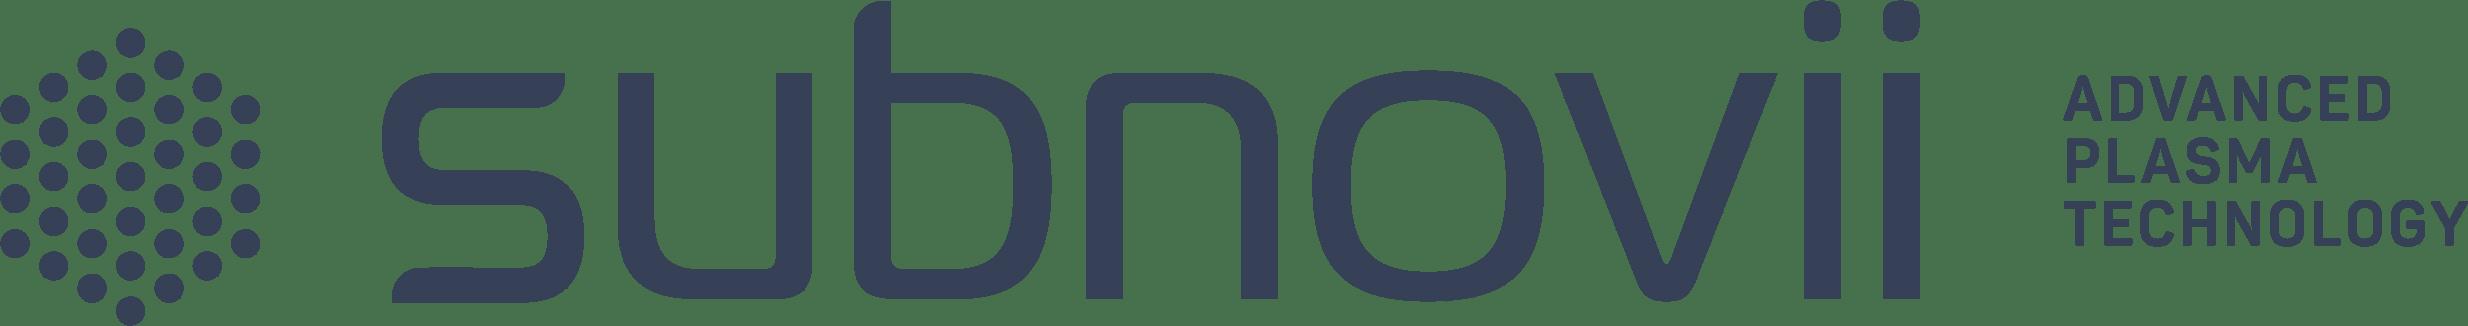 Subnovii Plasma Pen logo